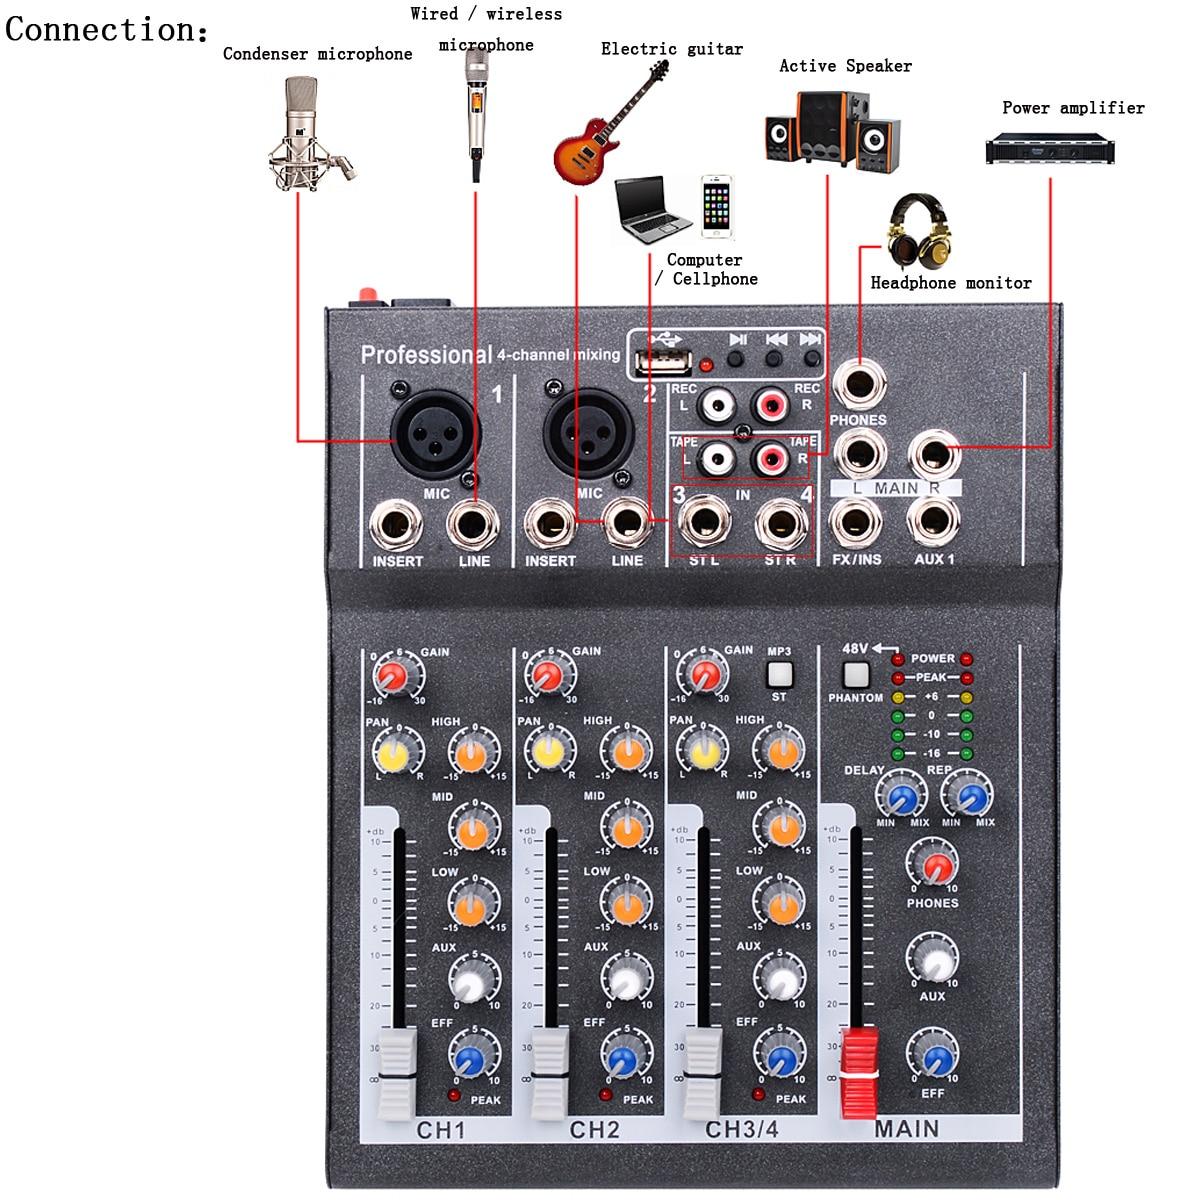 Мини Портативный аудио микшер с USB DJ звук микшерный пульт MP3 Jack 4 канала караоке 48 В в усилители домашние для караоке KTV матч Вечерние